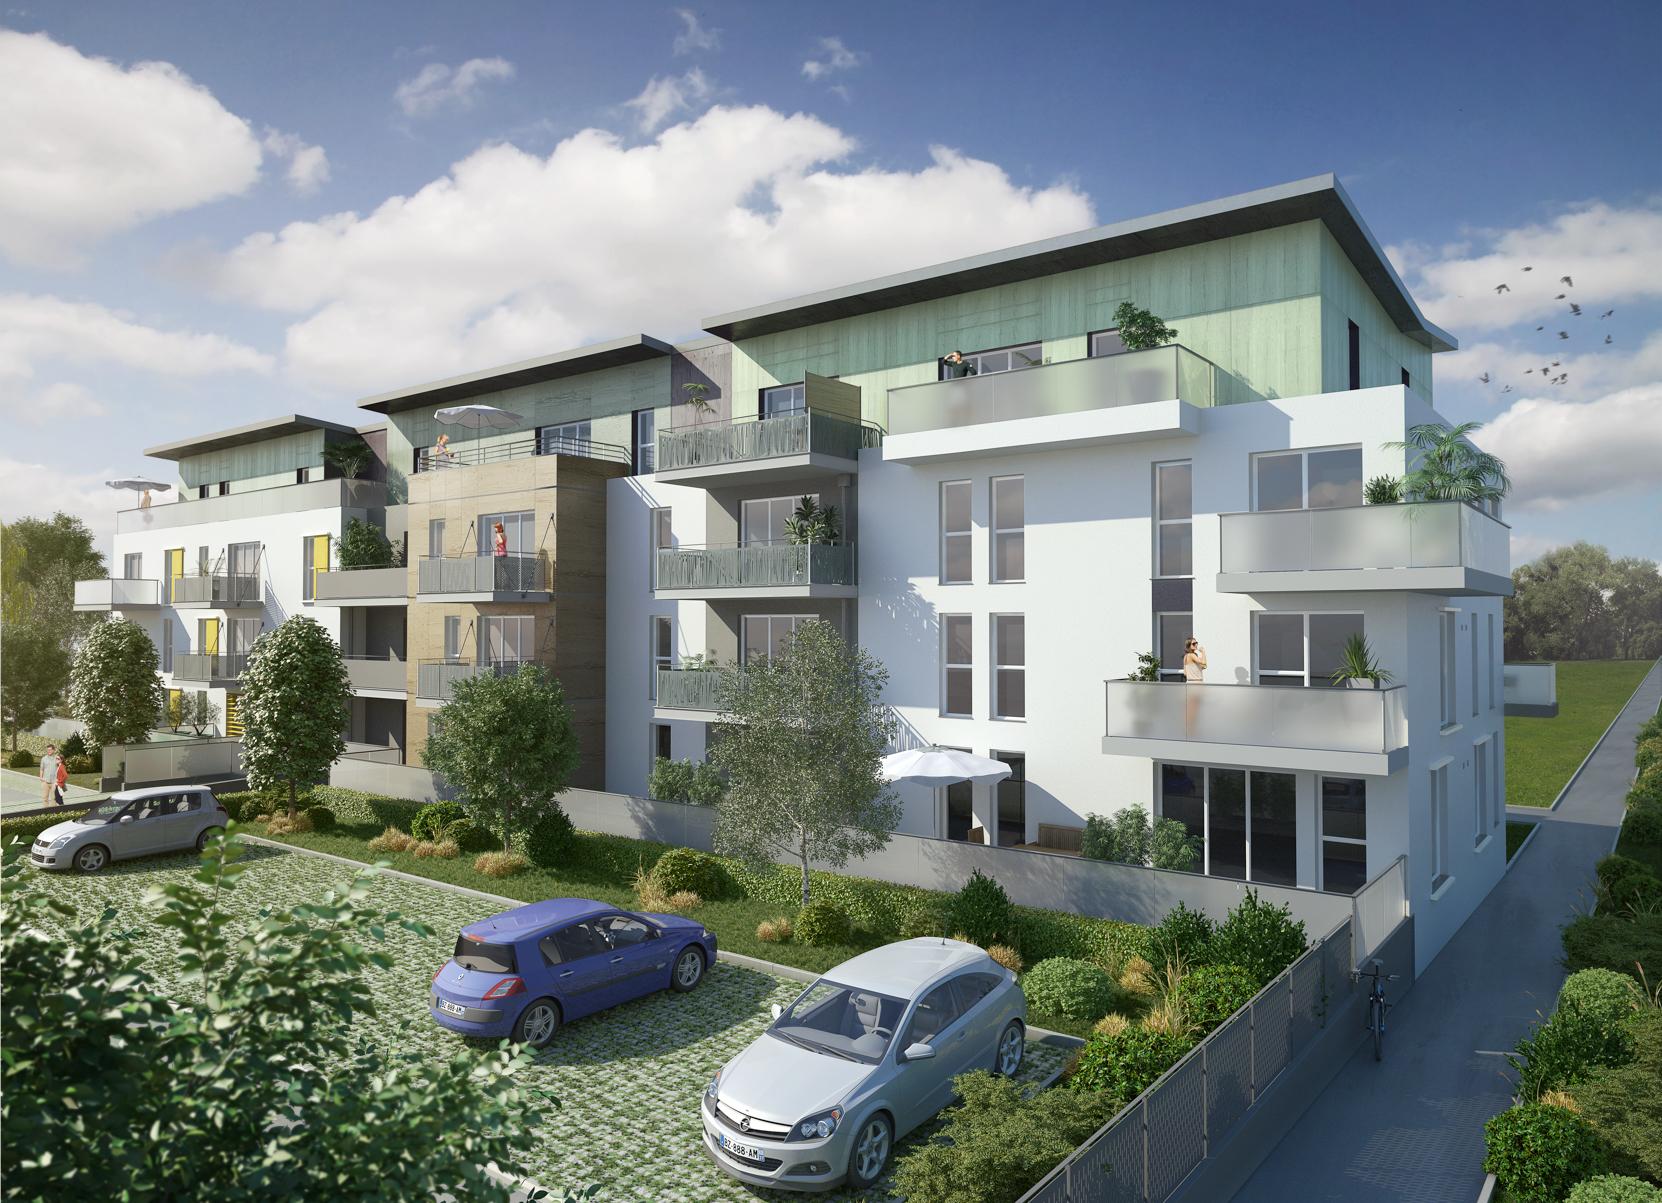 Dripmoon-archvis-graphiste3D-architecture-images-3D-Montlouis (4)